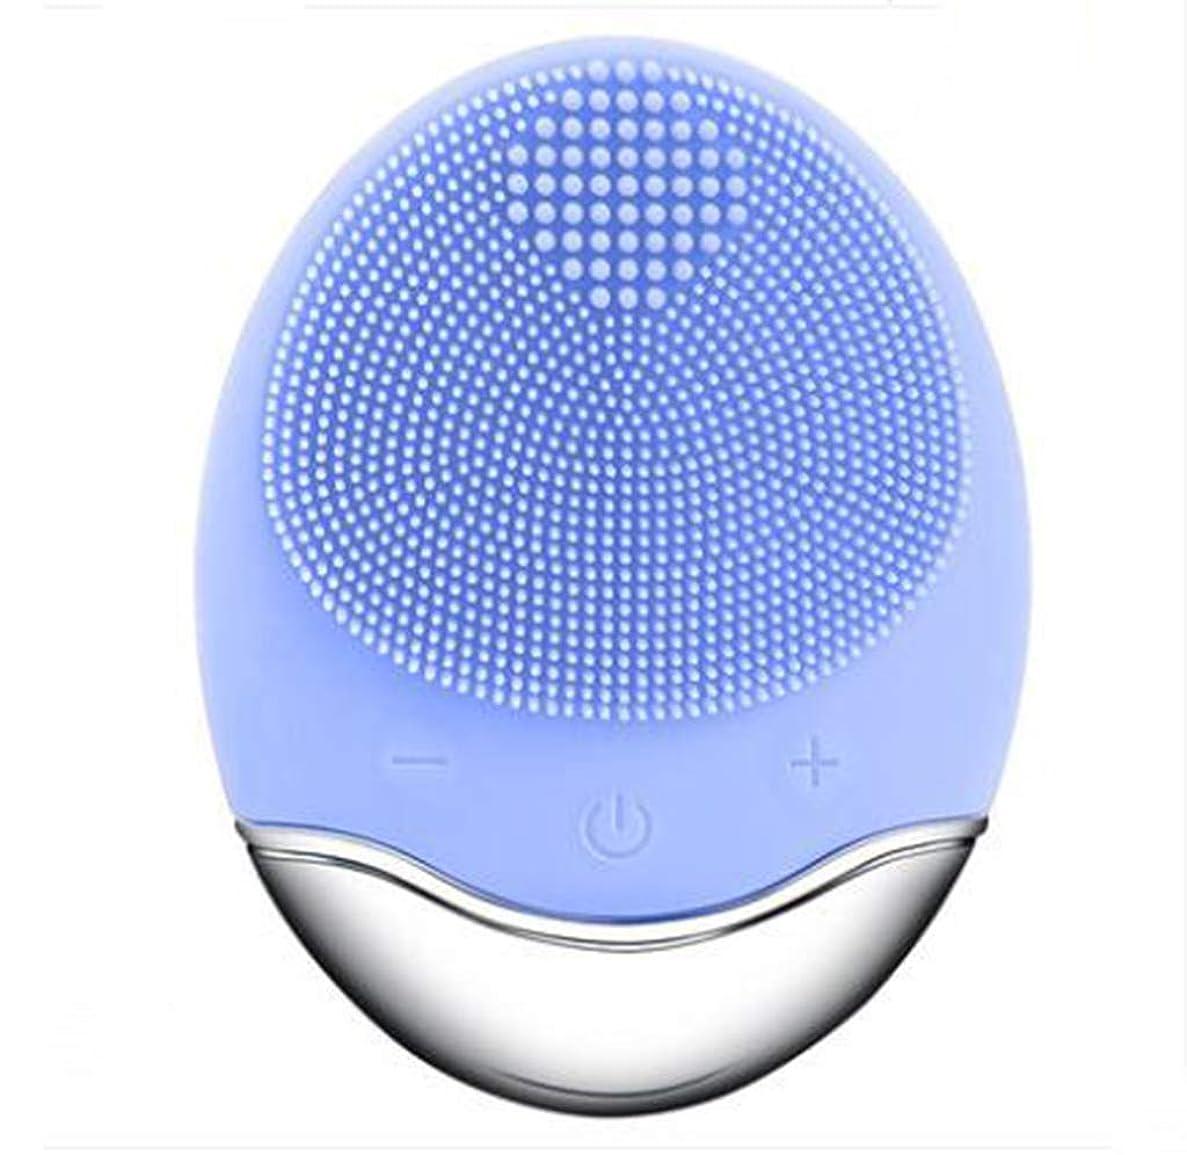 置き場手荷物父方のシリコーン電気クレンジング器具、洗顔毛穴クリーナーマッサージフェイス、イントロデューサー + クレンジング器具 (1 つ2個),Blue